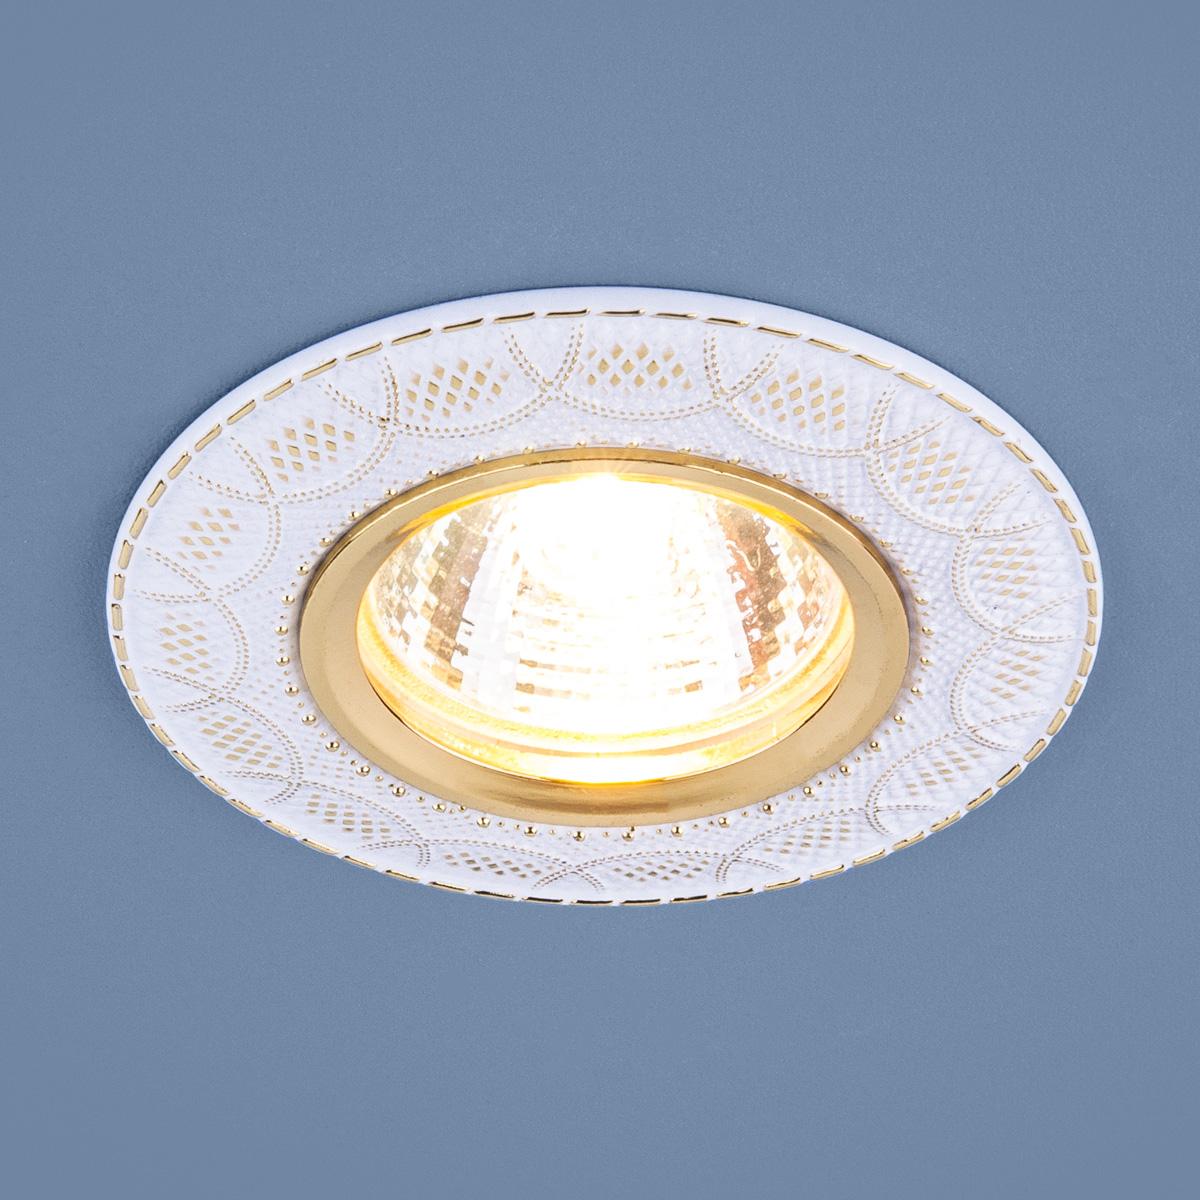 Встраиваемый светильник Elektrostandard, G5.3, 50 Вт встраиваемый светильник elektrostandard 7002 mr16 wh gd белый золото 4690389082528